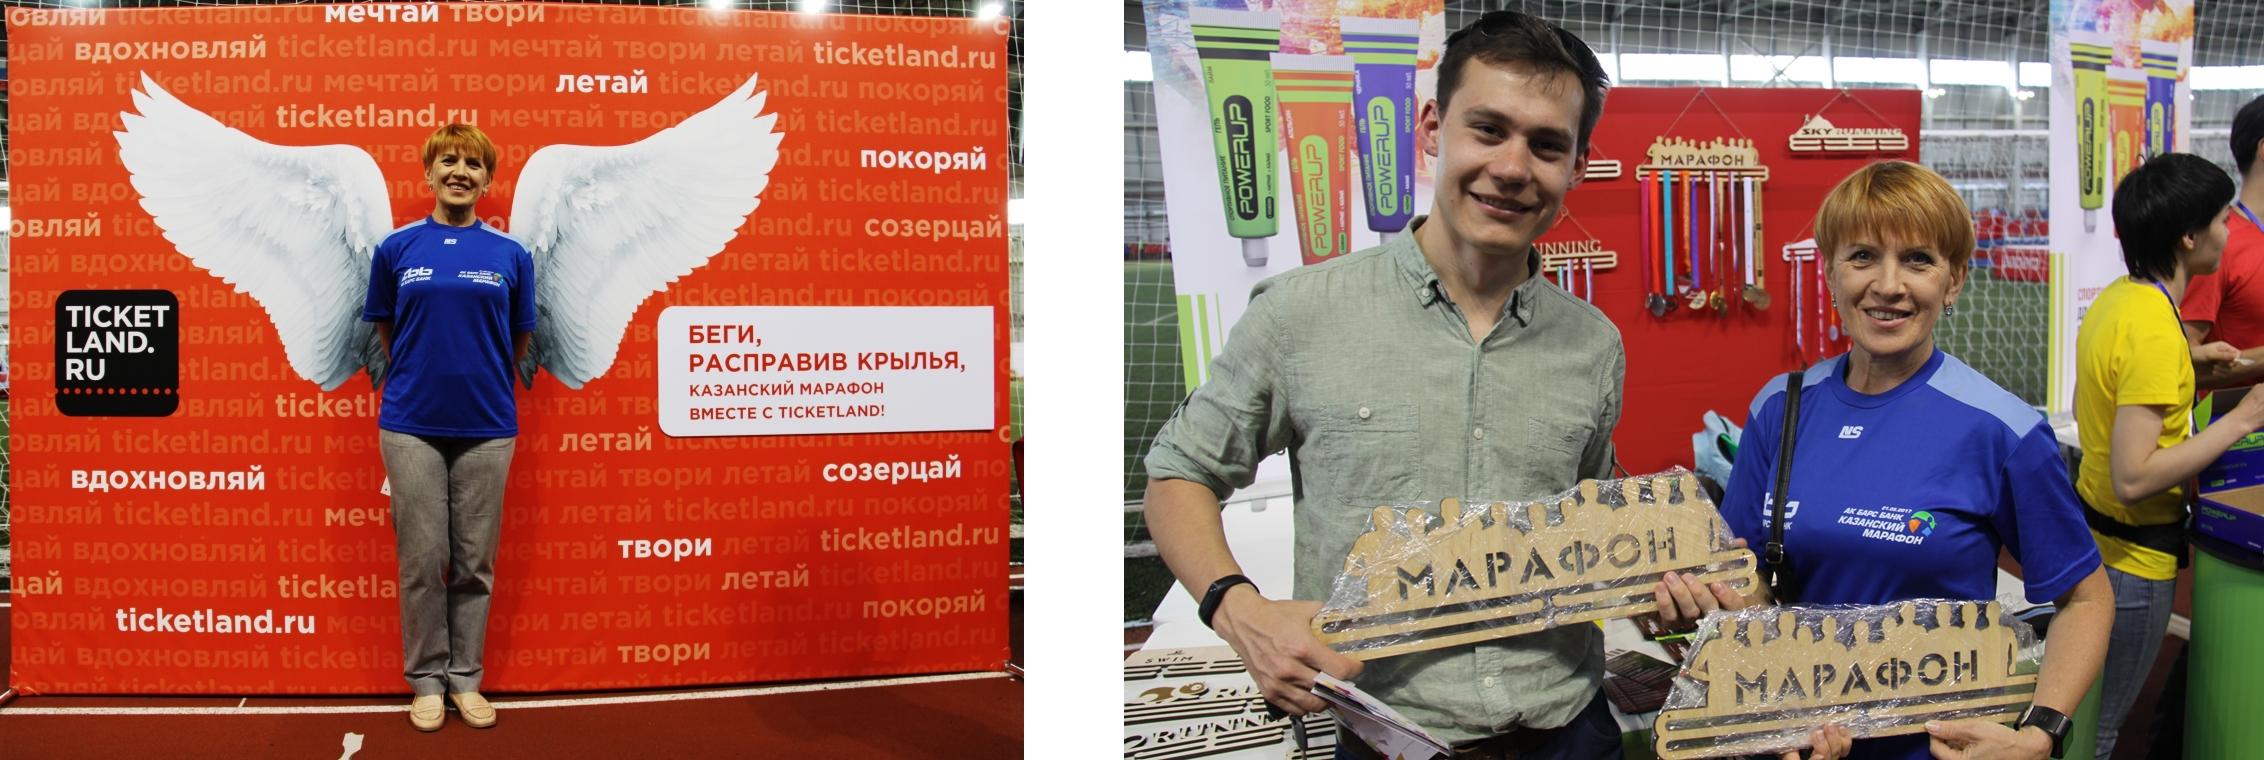 а ЭКСПО Казанского марафона